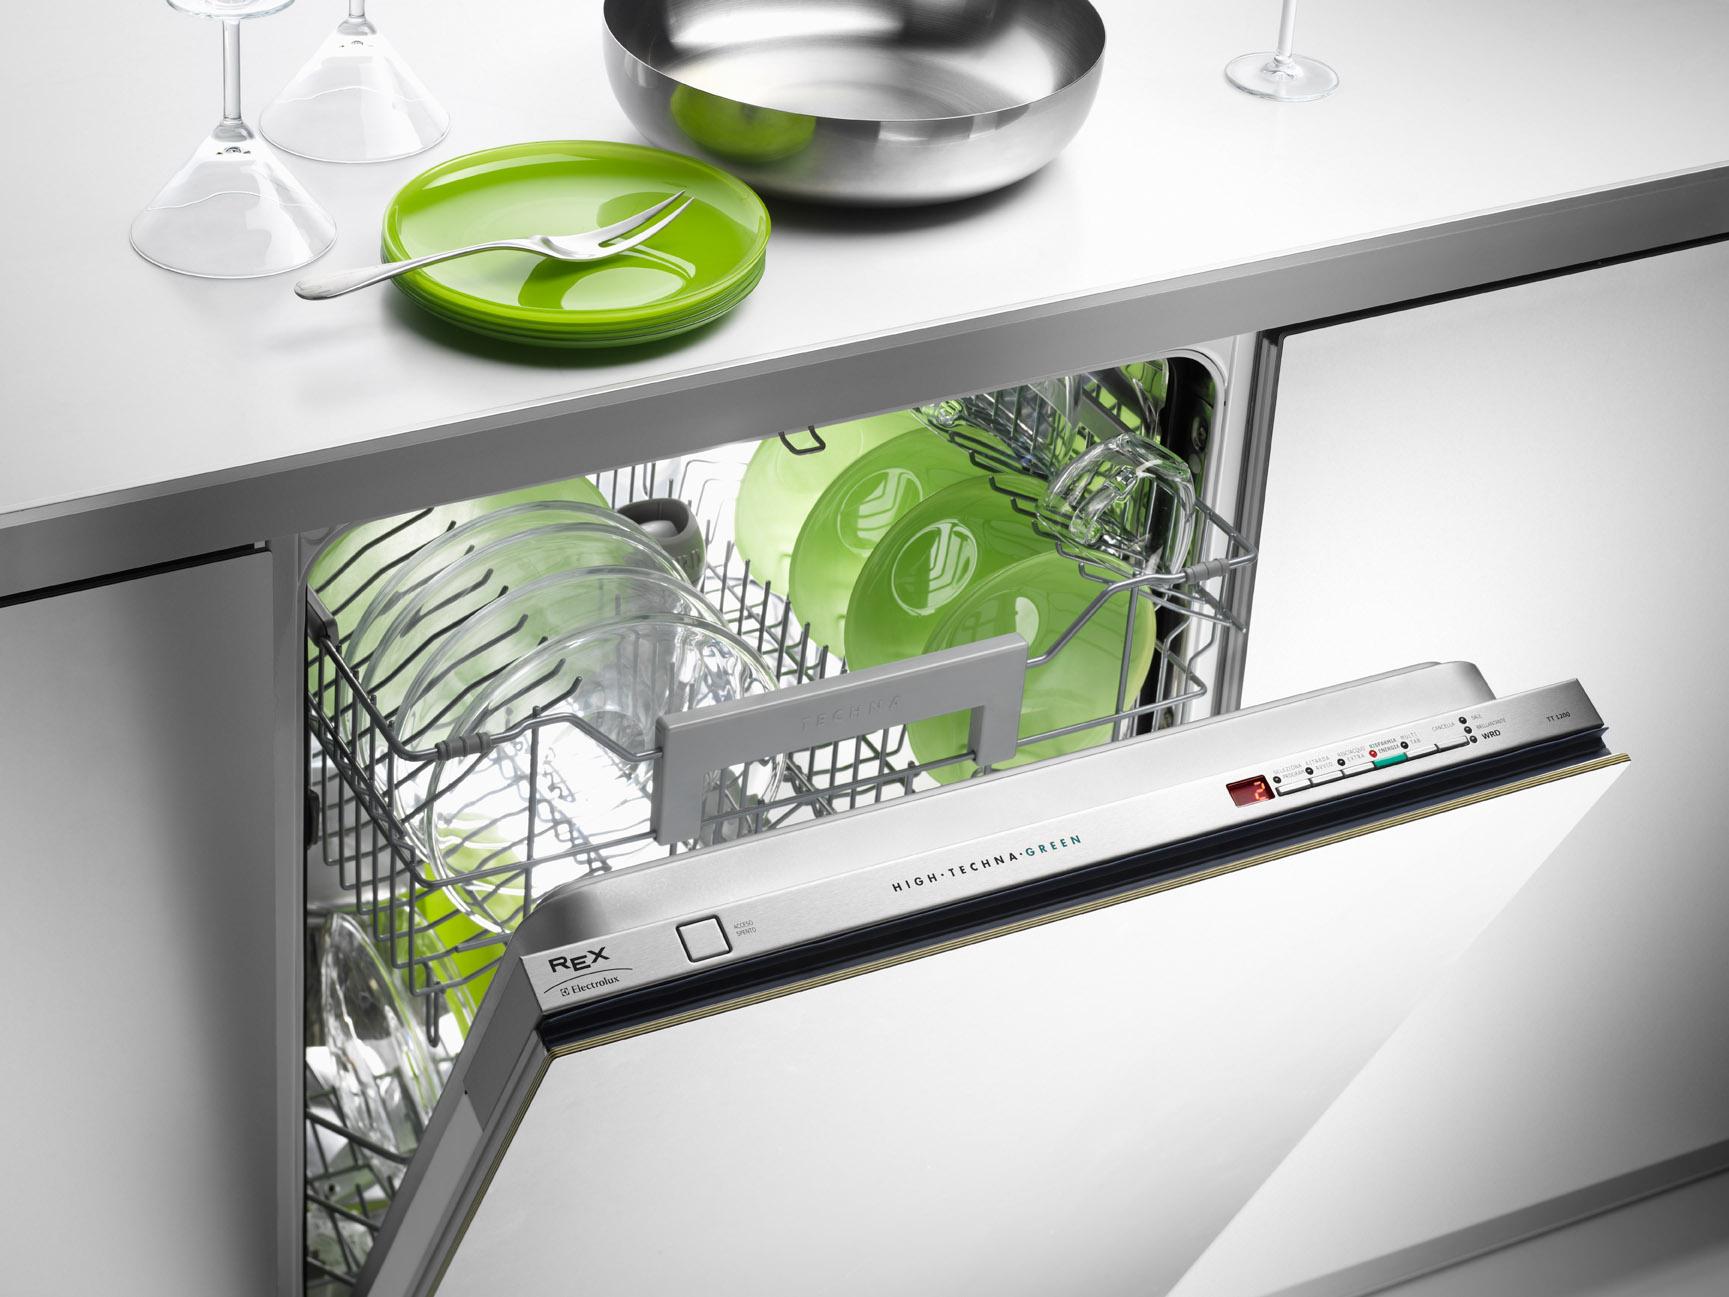 Le lavastoviglie e le infrastrutture it for Lavastoviglie da incasso 45 cm